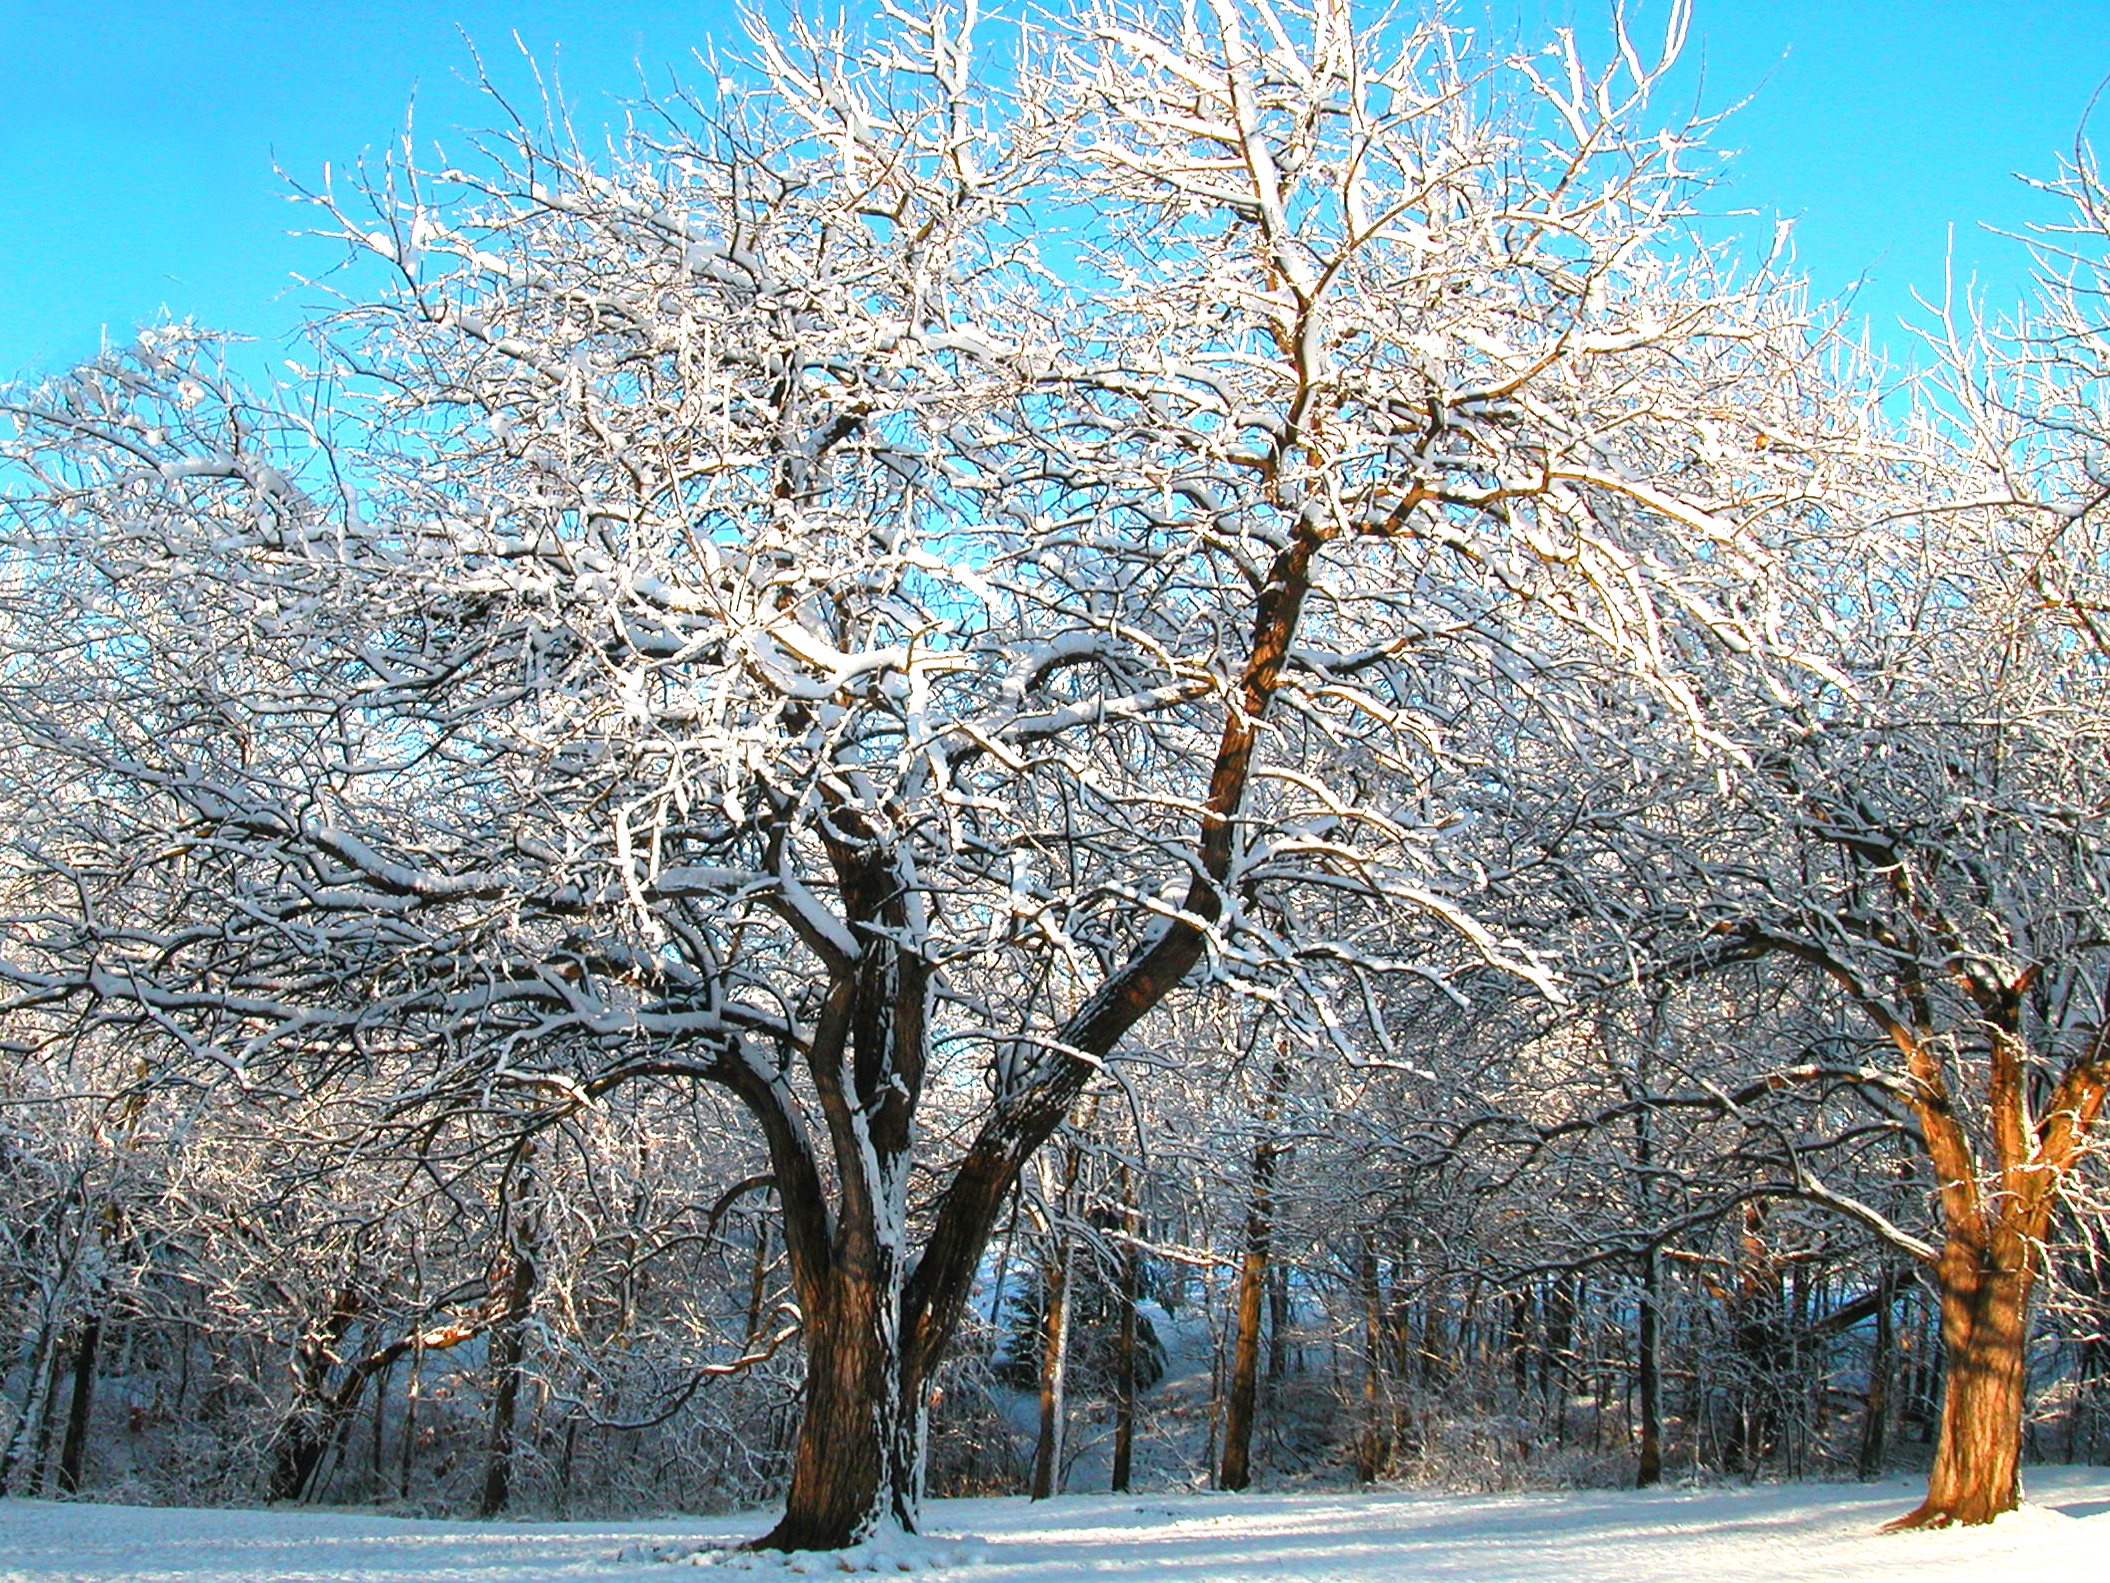 Winter at the Arboretum